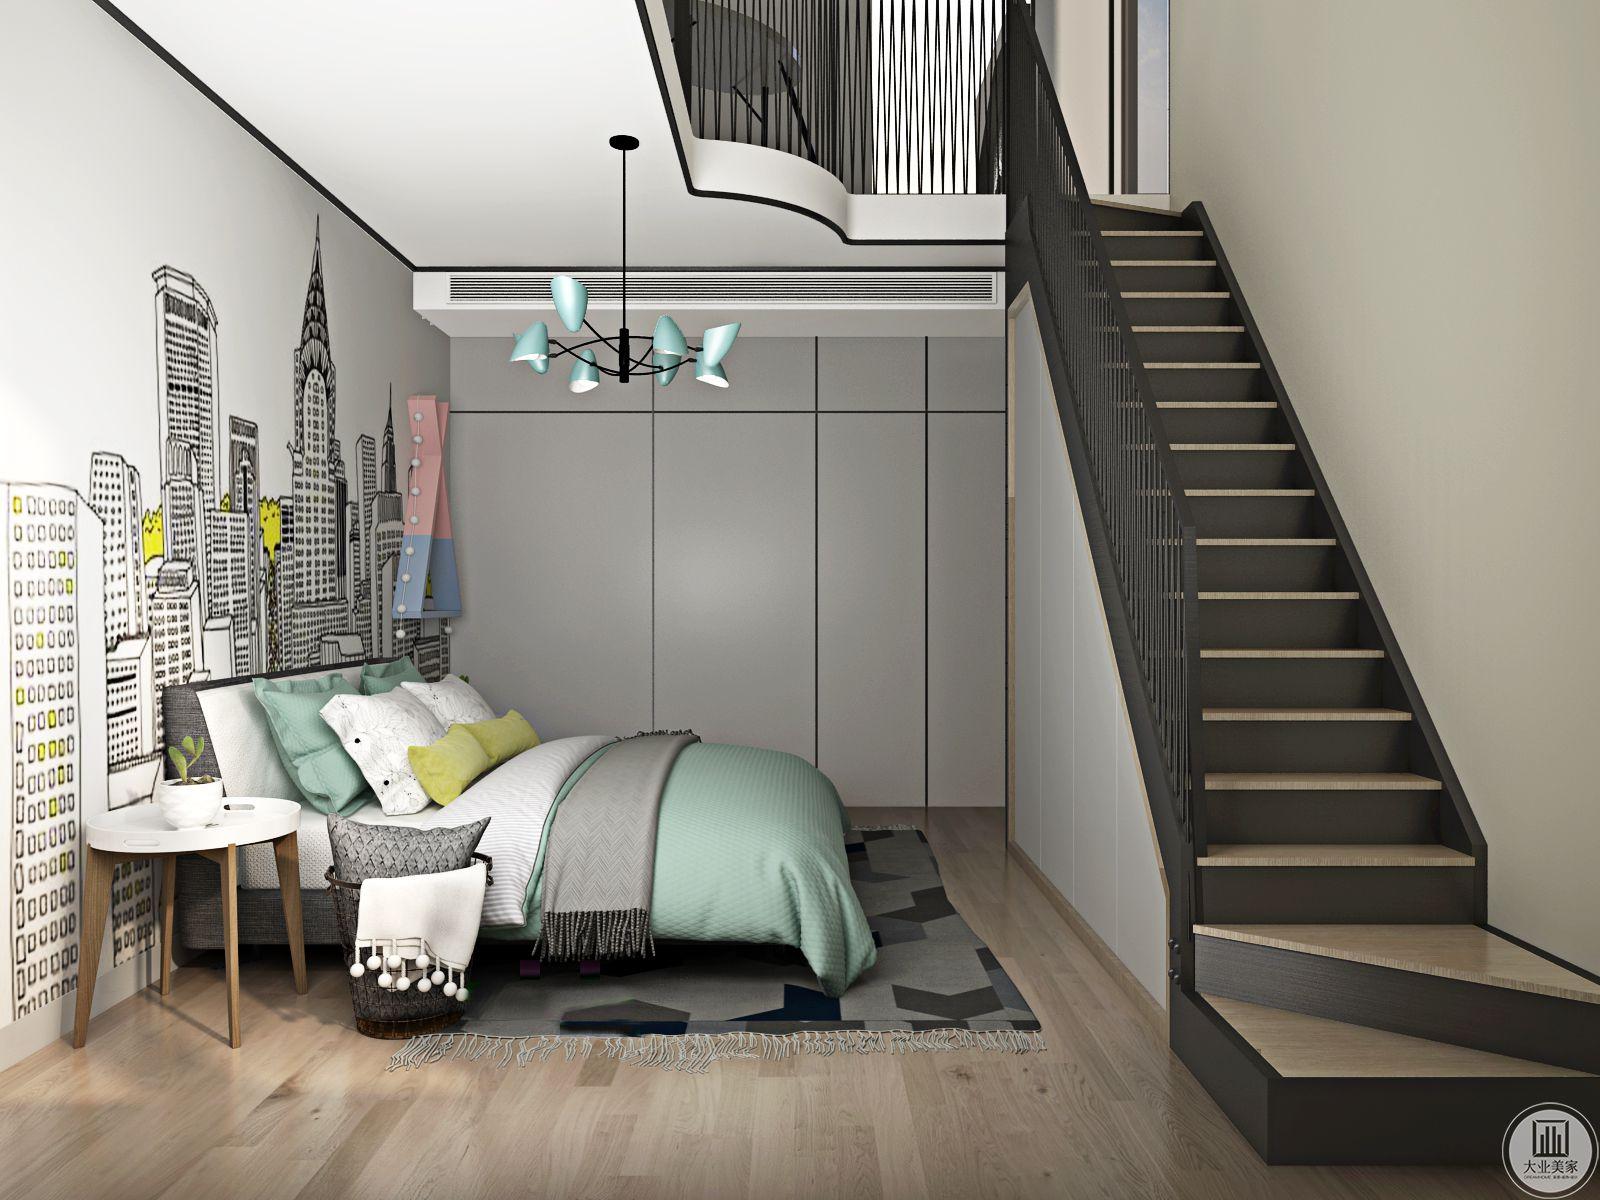 欧式的居室有的不只是奢华大气,更多的是惬意和浪漫。经过完美的点缀,精雕细镂的细节处理,带给家人不尽的舒服触感并添加楼梯更好的节省储物空间。